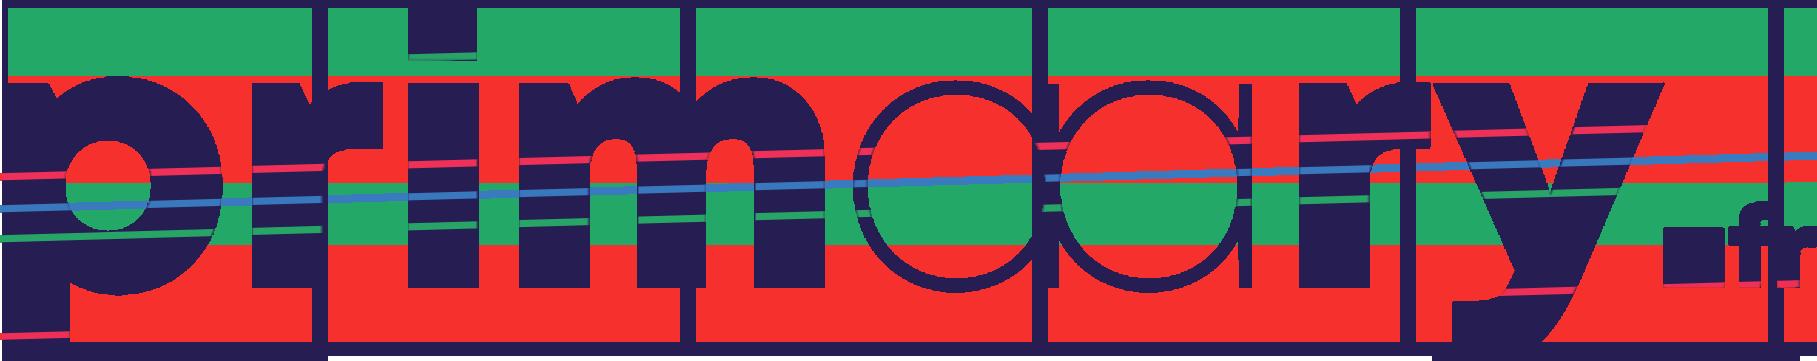 logo avec bandes de couleurs